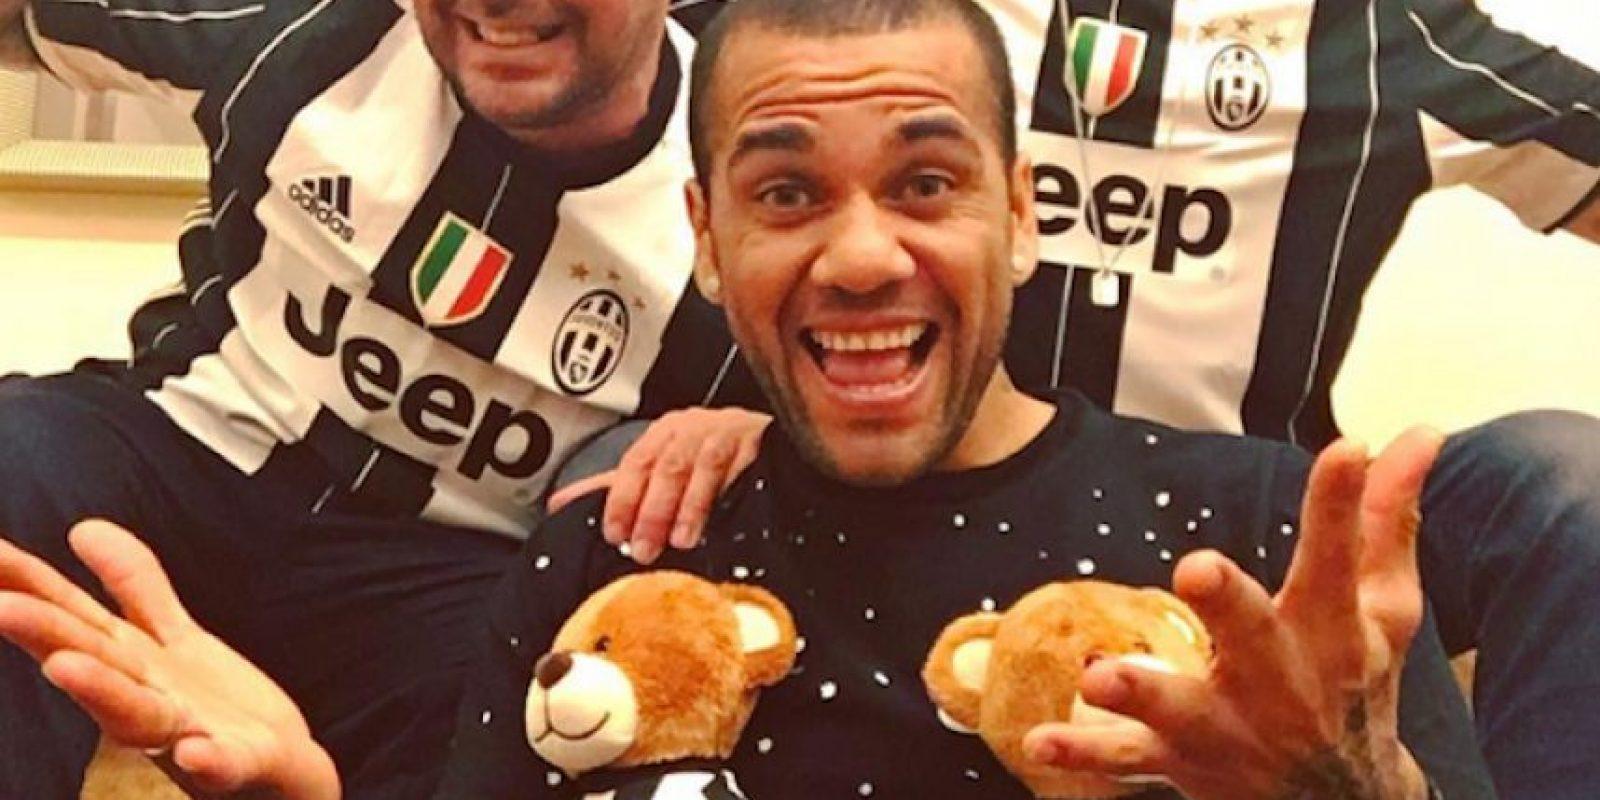 El lateral derecho se suma al pentacampeón de Italia. Foto:Instagram: @danid2ois